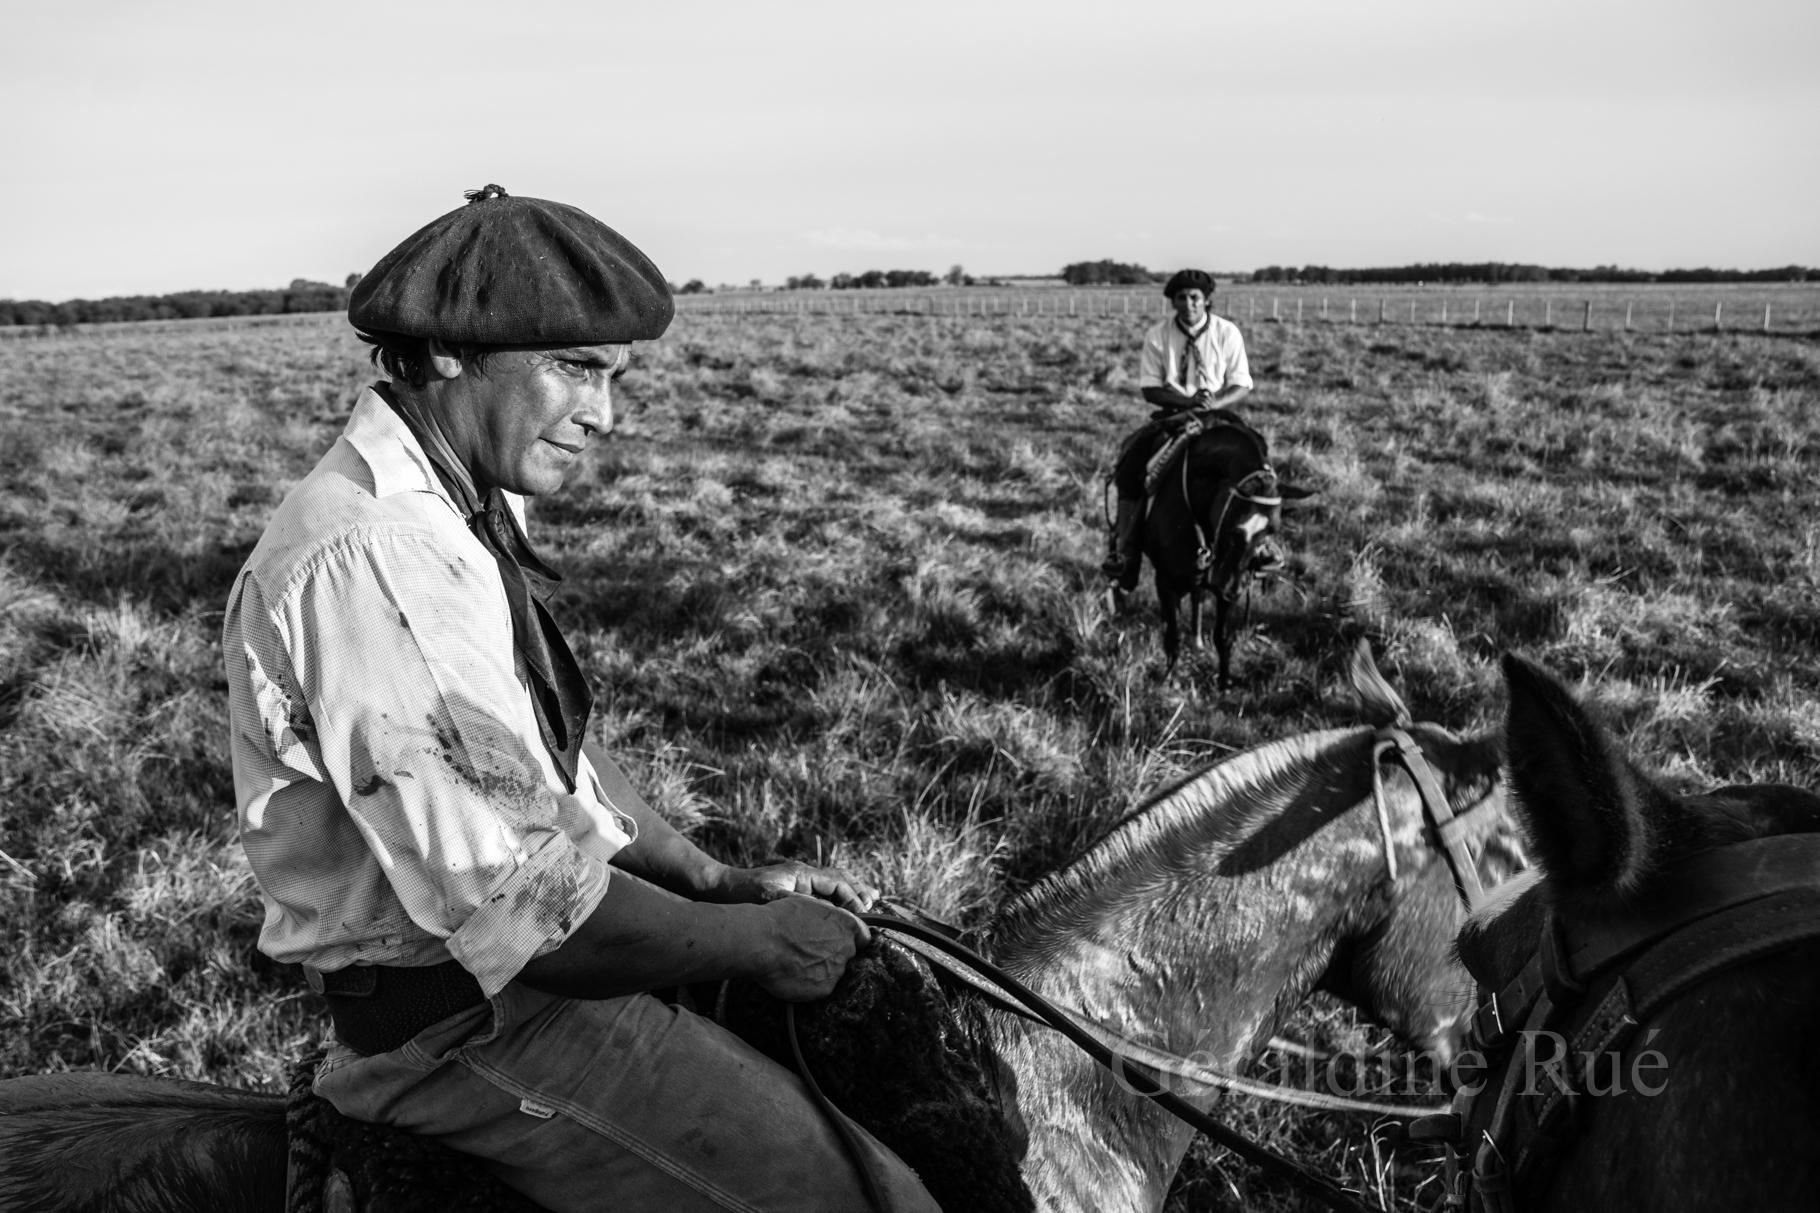 Argentine-gaucho02701© Géraldine Rué